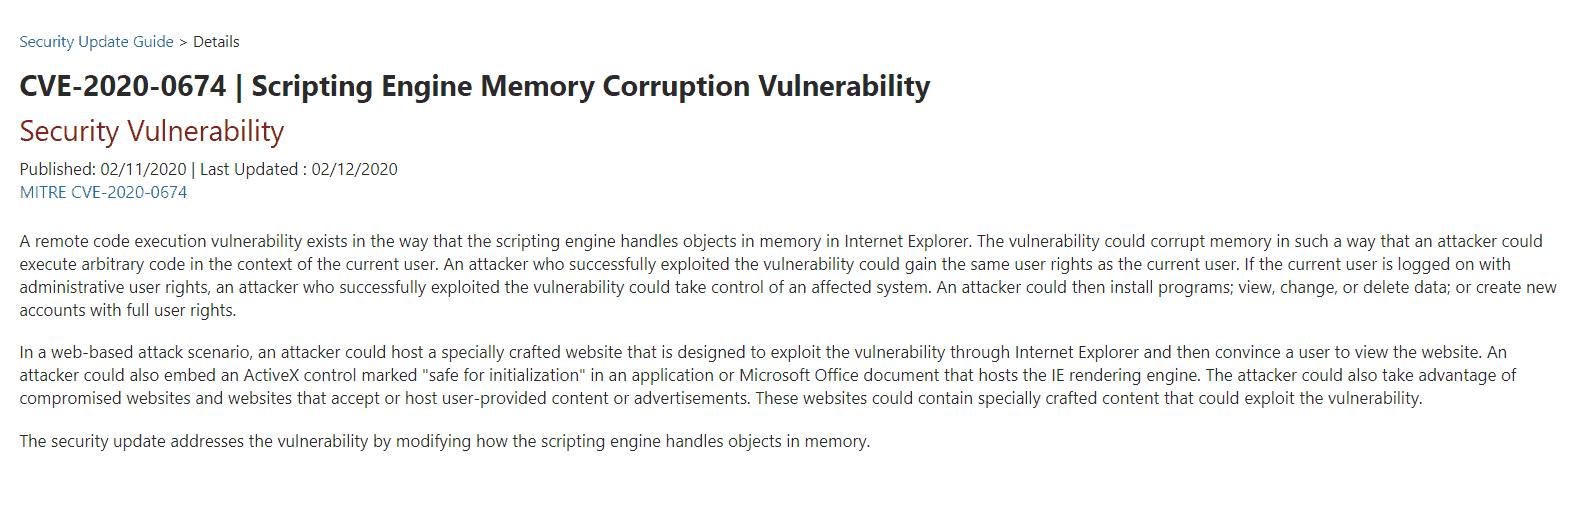 微软对CVE-2020-0674漏洞提供补丁更新